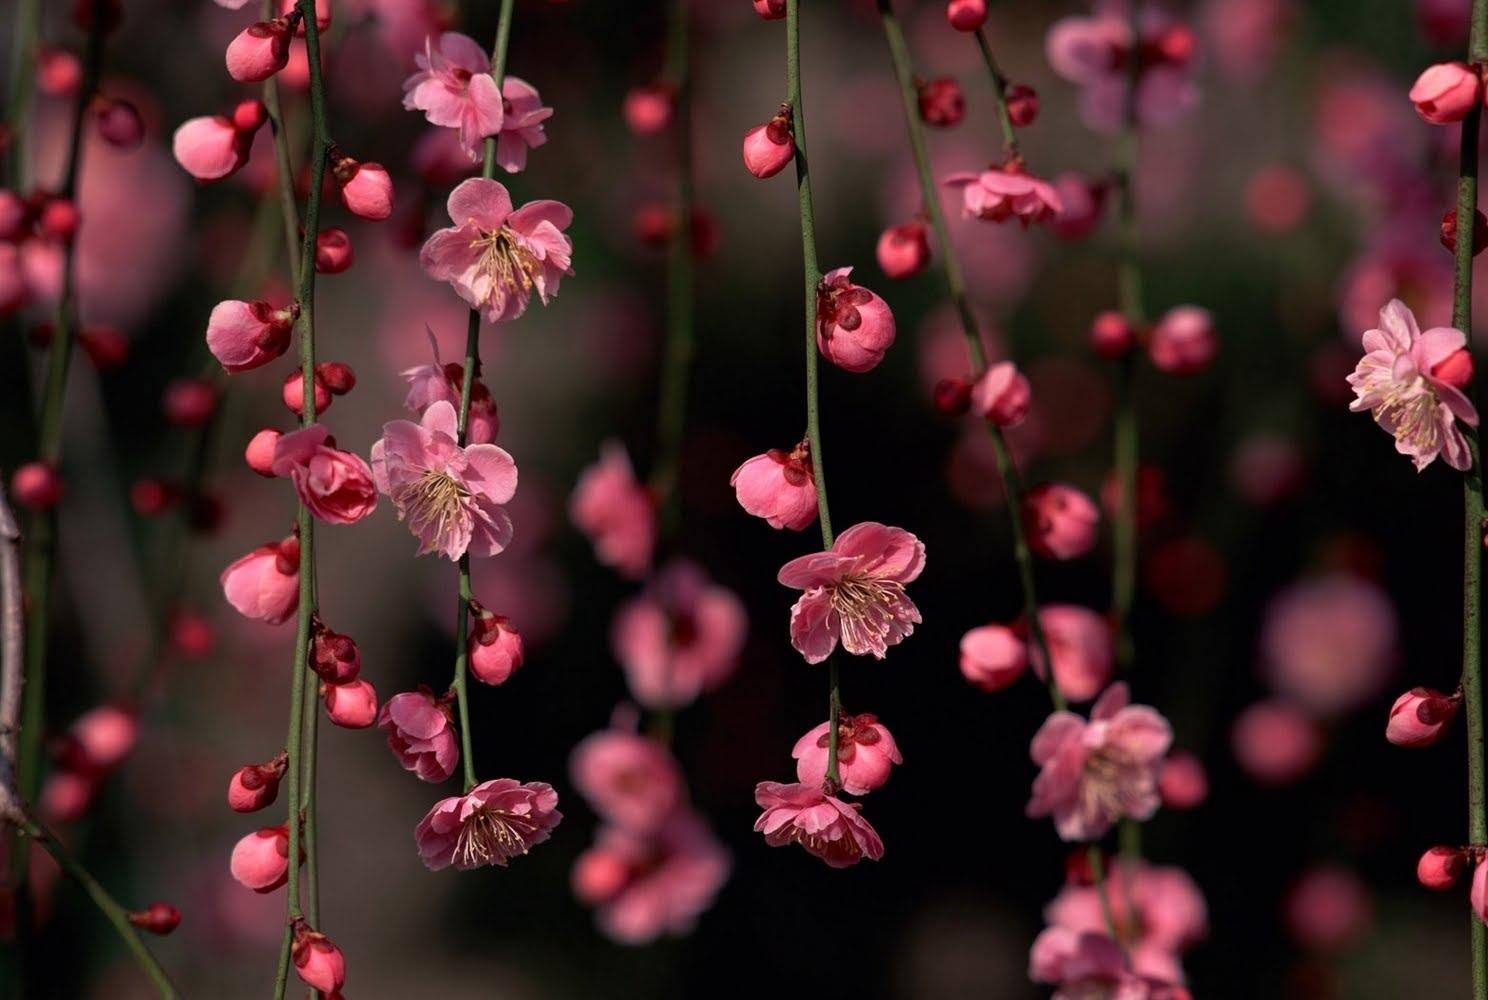 بالصور صور ورد خلفيات , فنون اختيار الخلفيات الطبيعيه و الورود 636 10